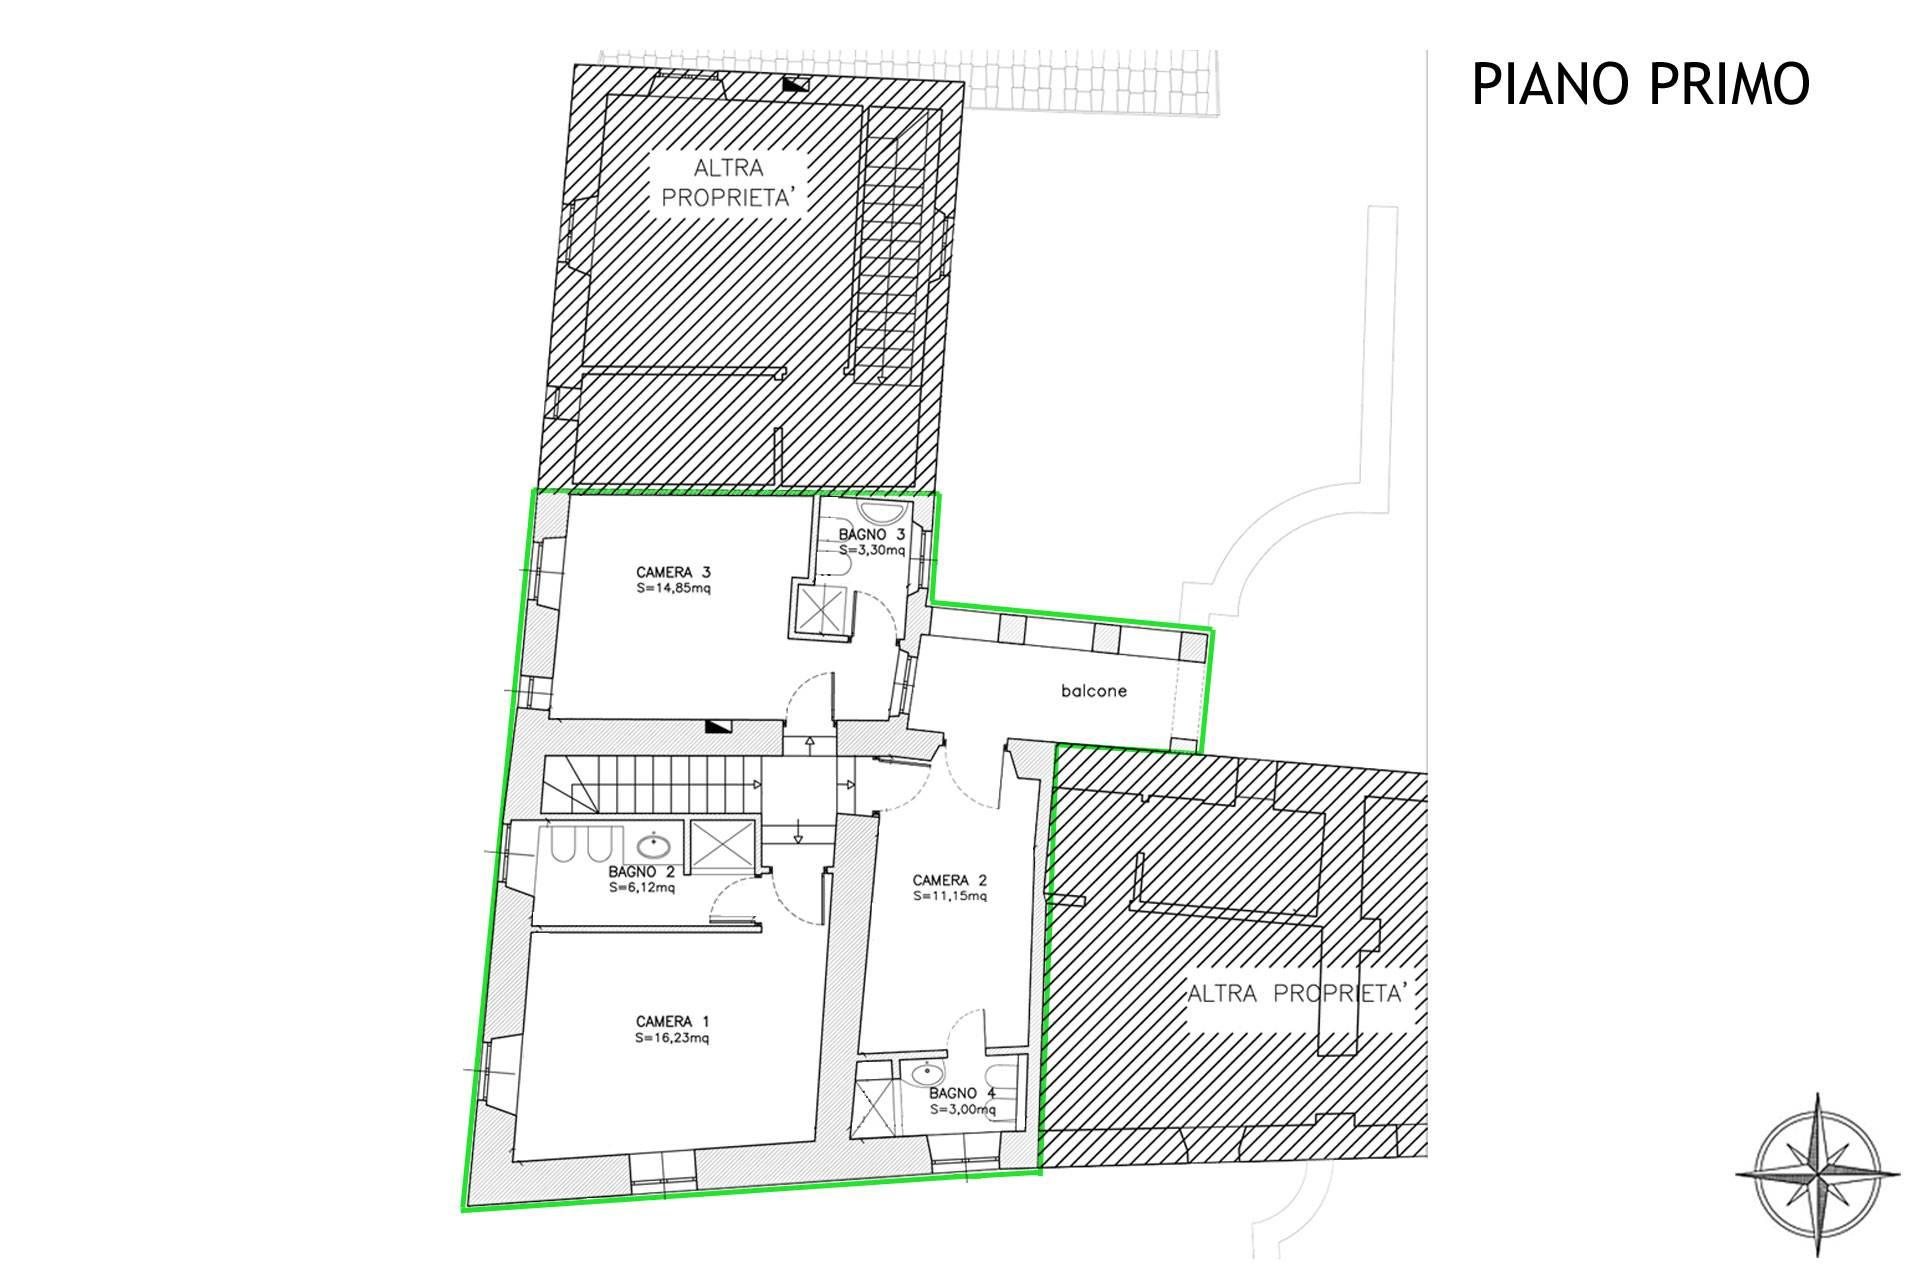 7184-plan piano primo